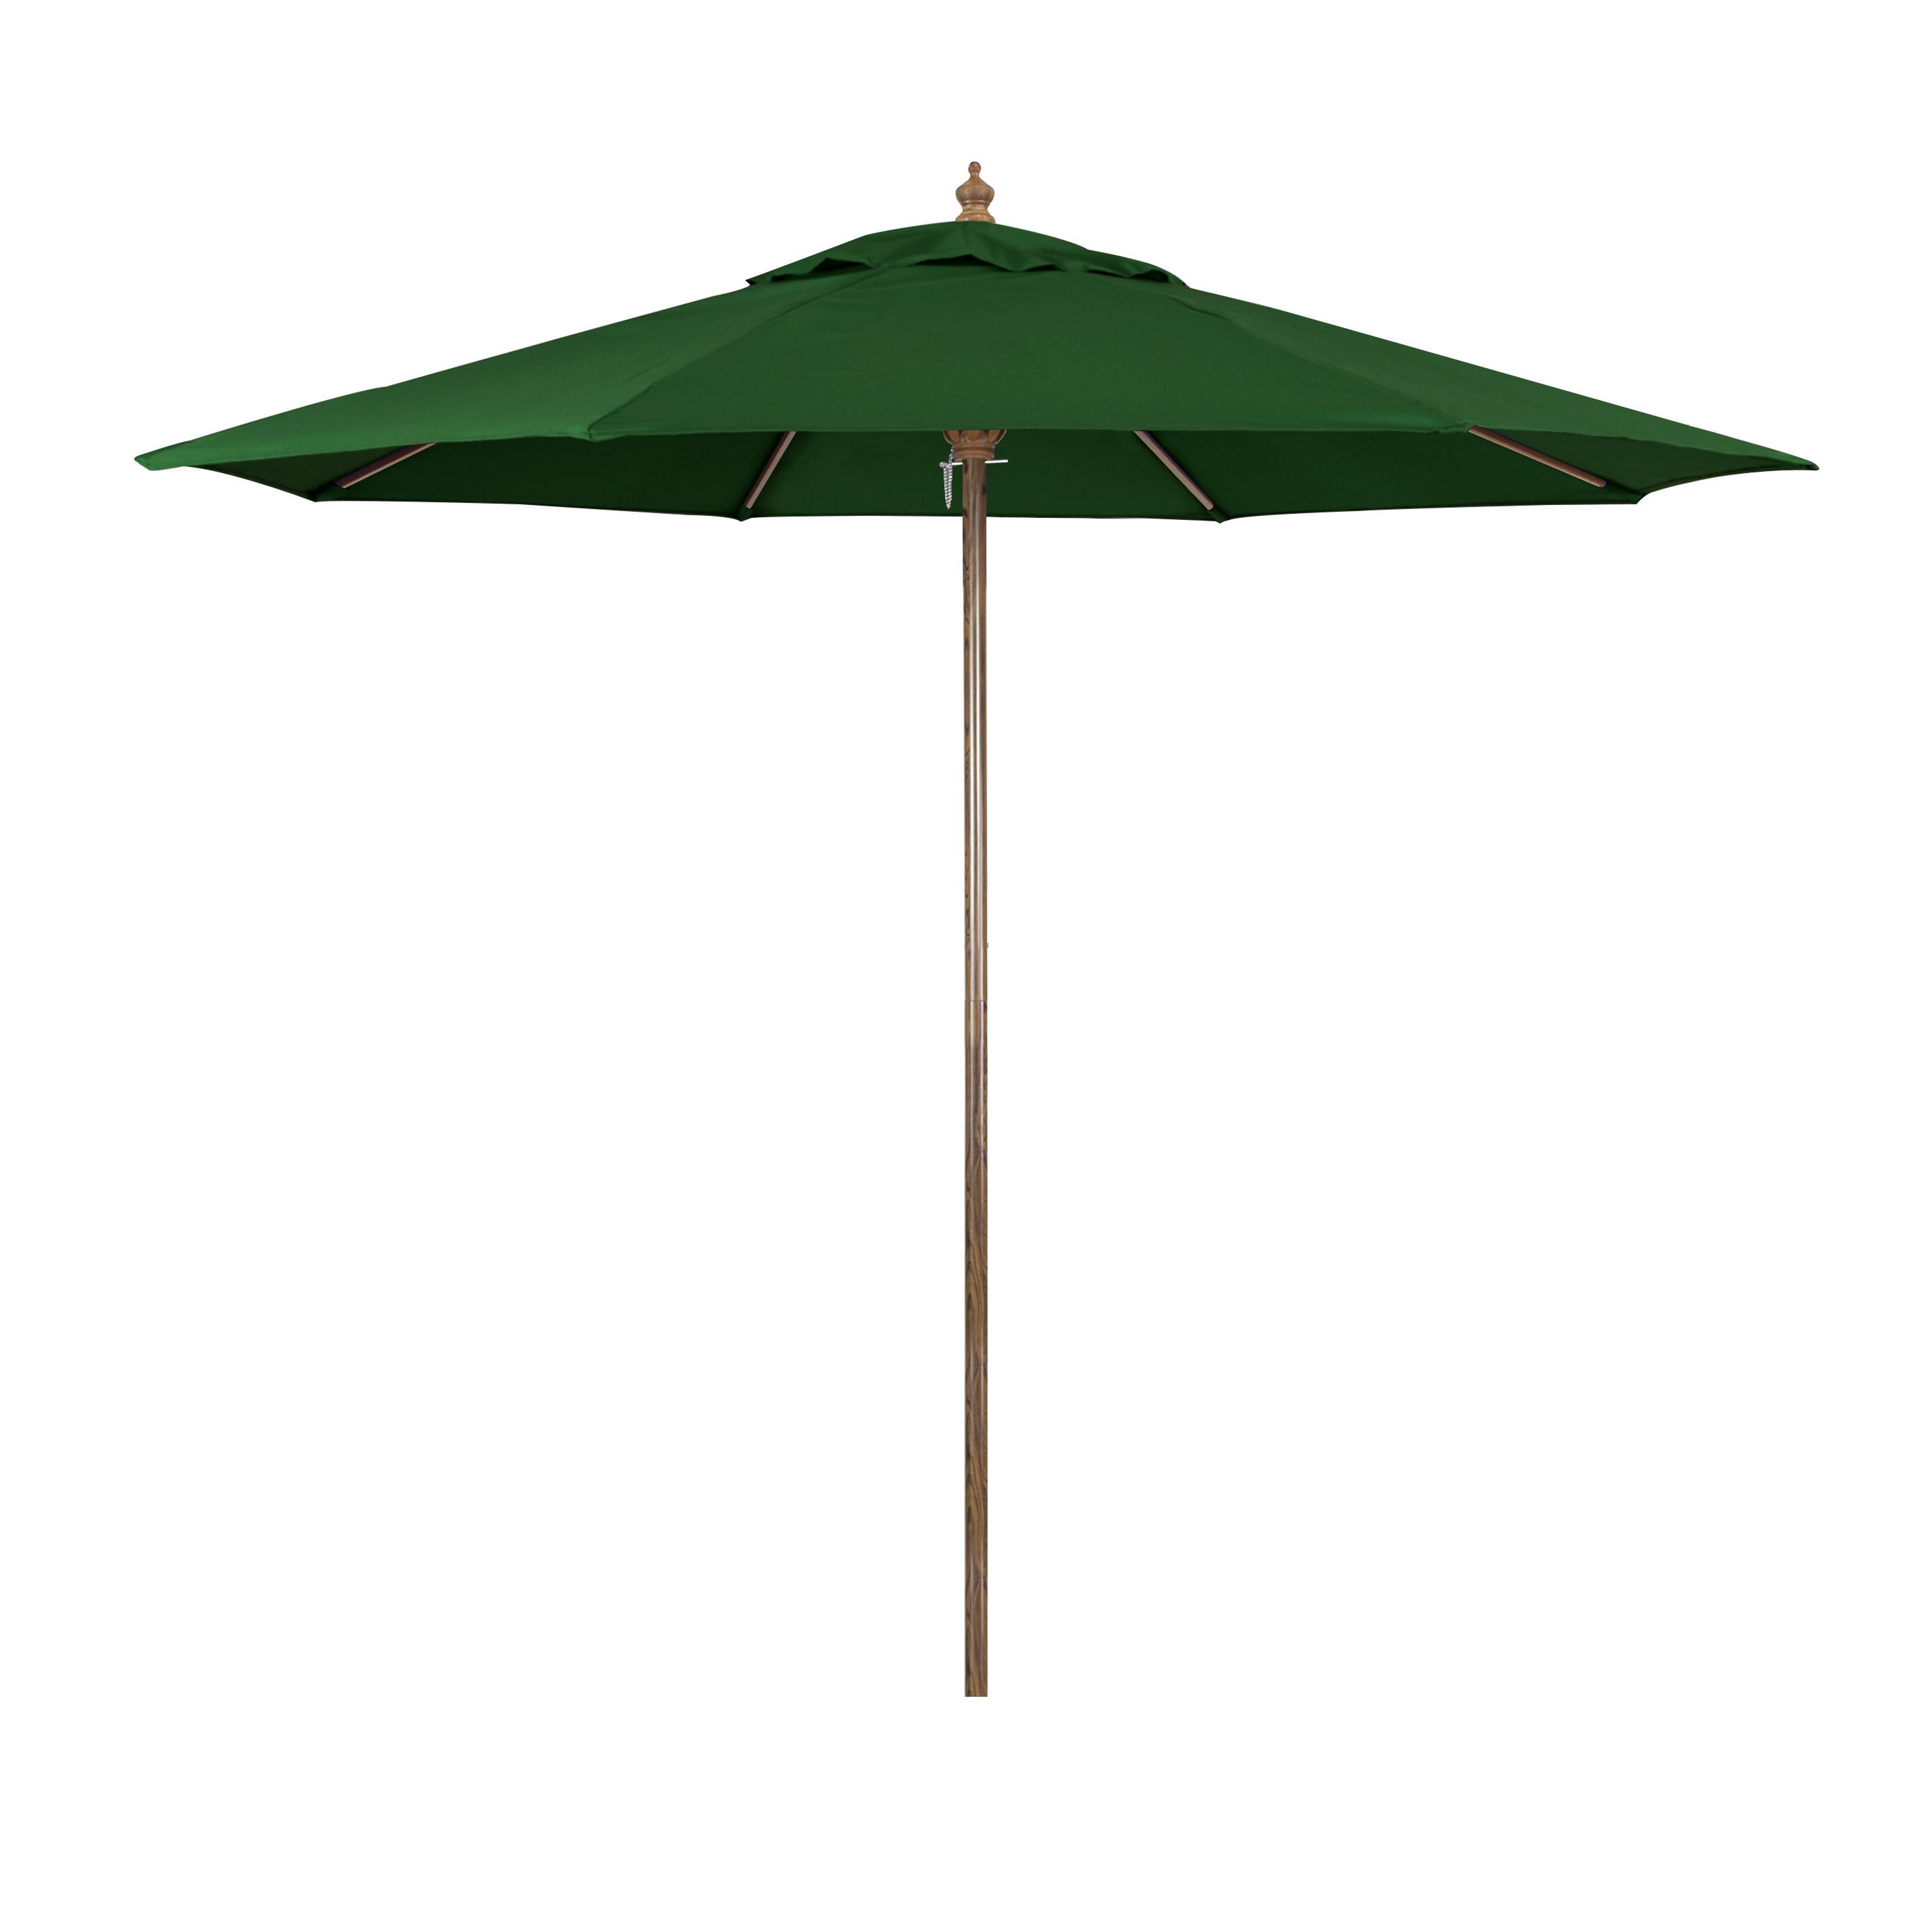 Ryant 9' Market Umbrella Pertaining To Favorite Taube Market Umbrellas (Gallery 8 of 20)